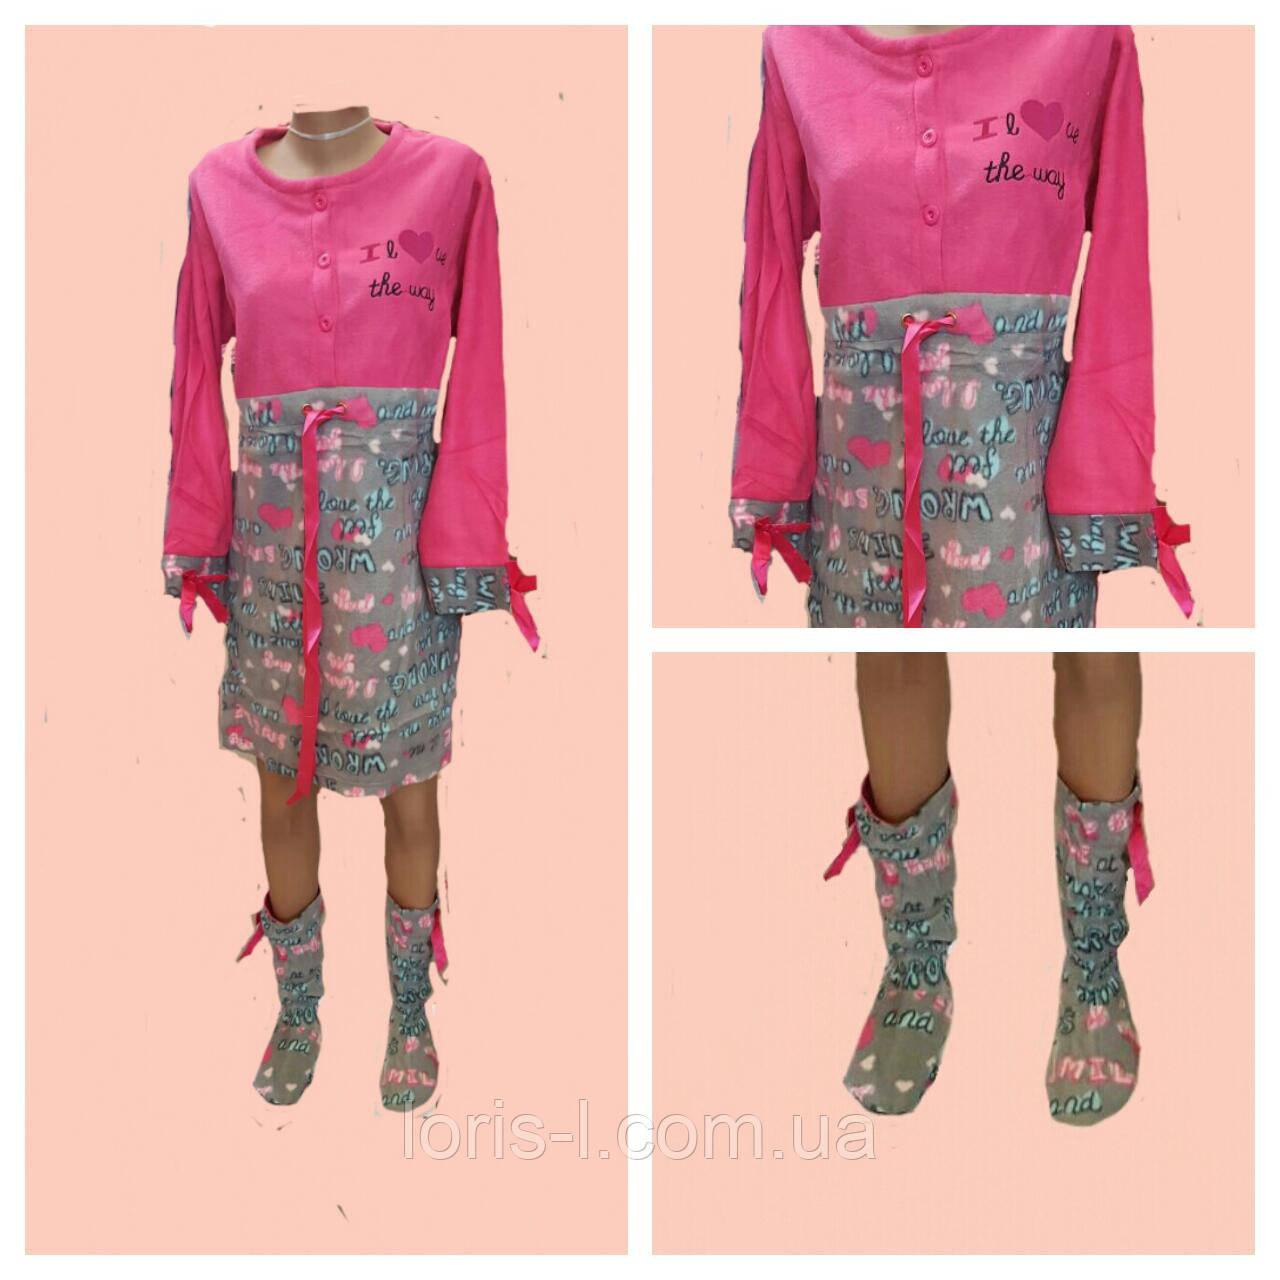 b059028a1553 Туника флисовая домашняя - Интернет-магазин одежды для Всей семьи